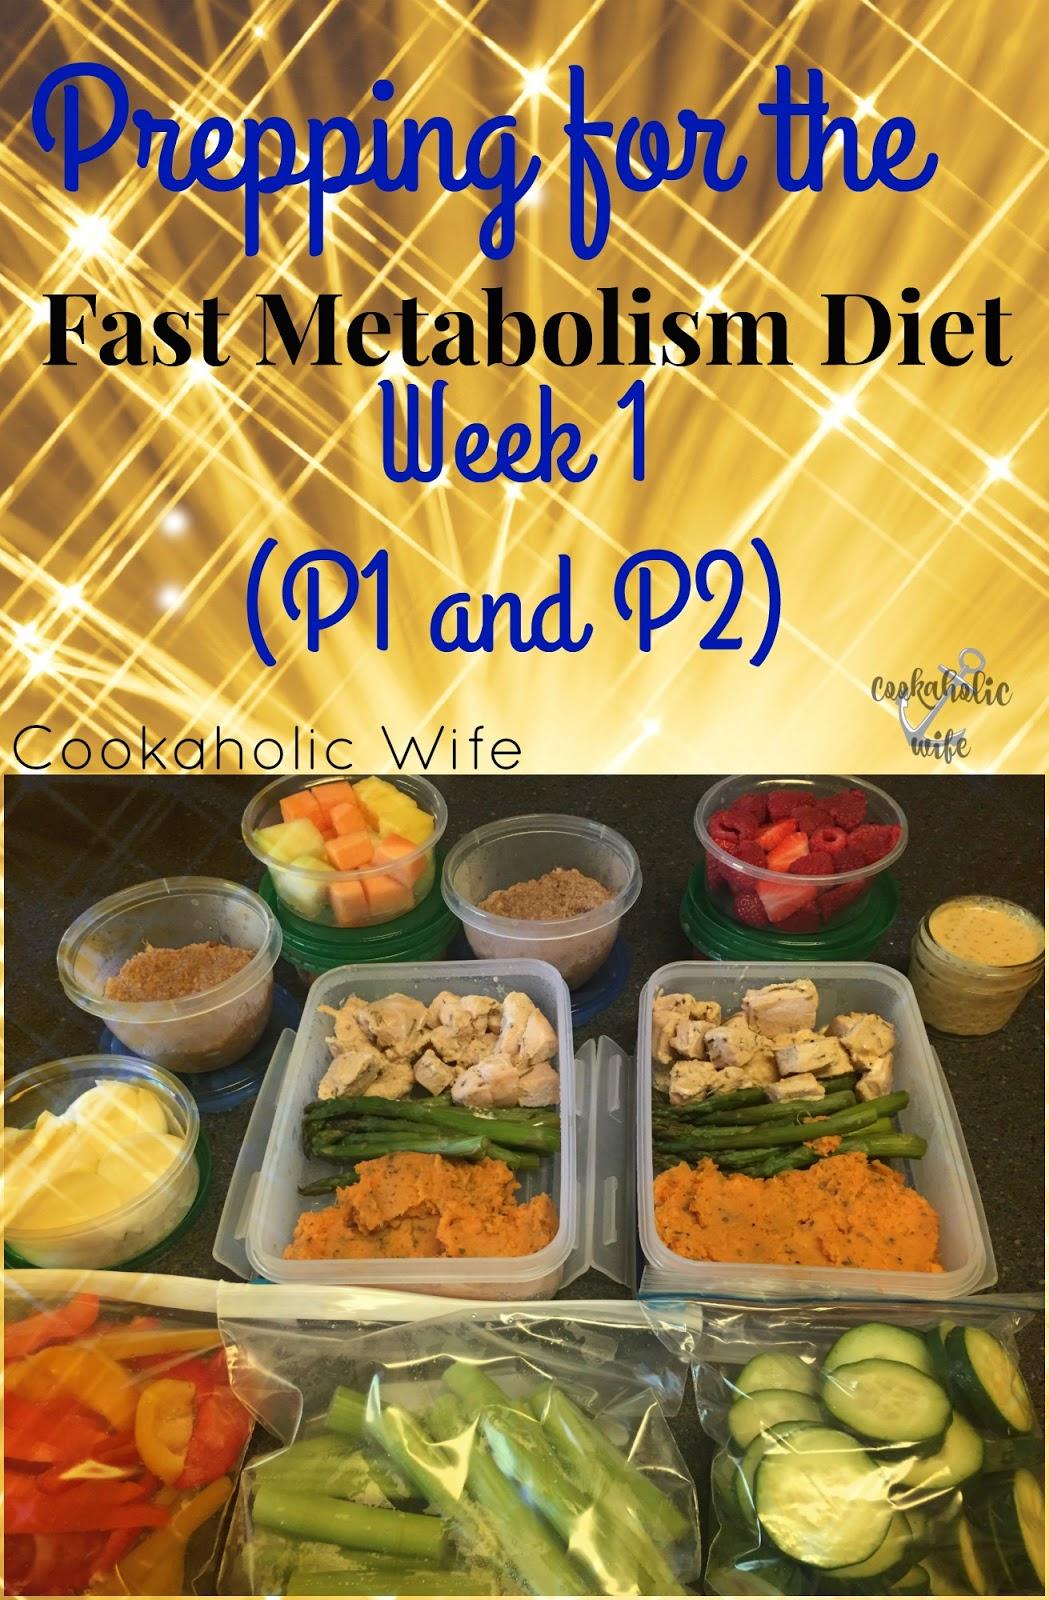 fast metabolism diet full week of recipes